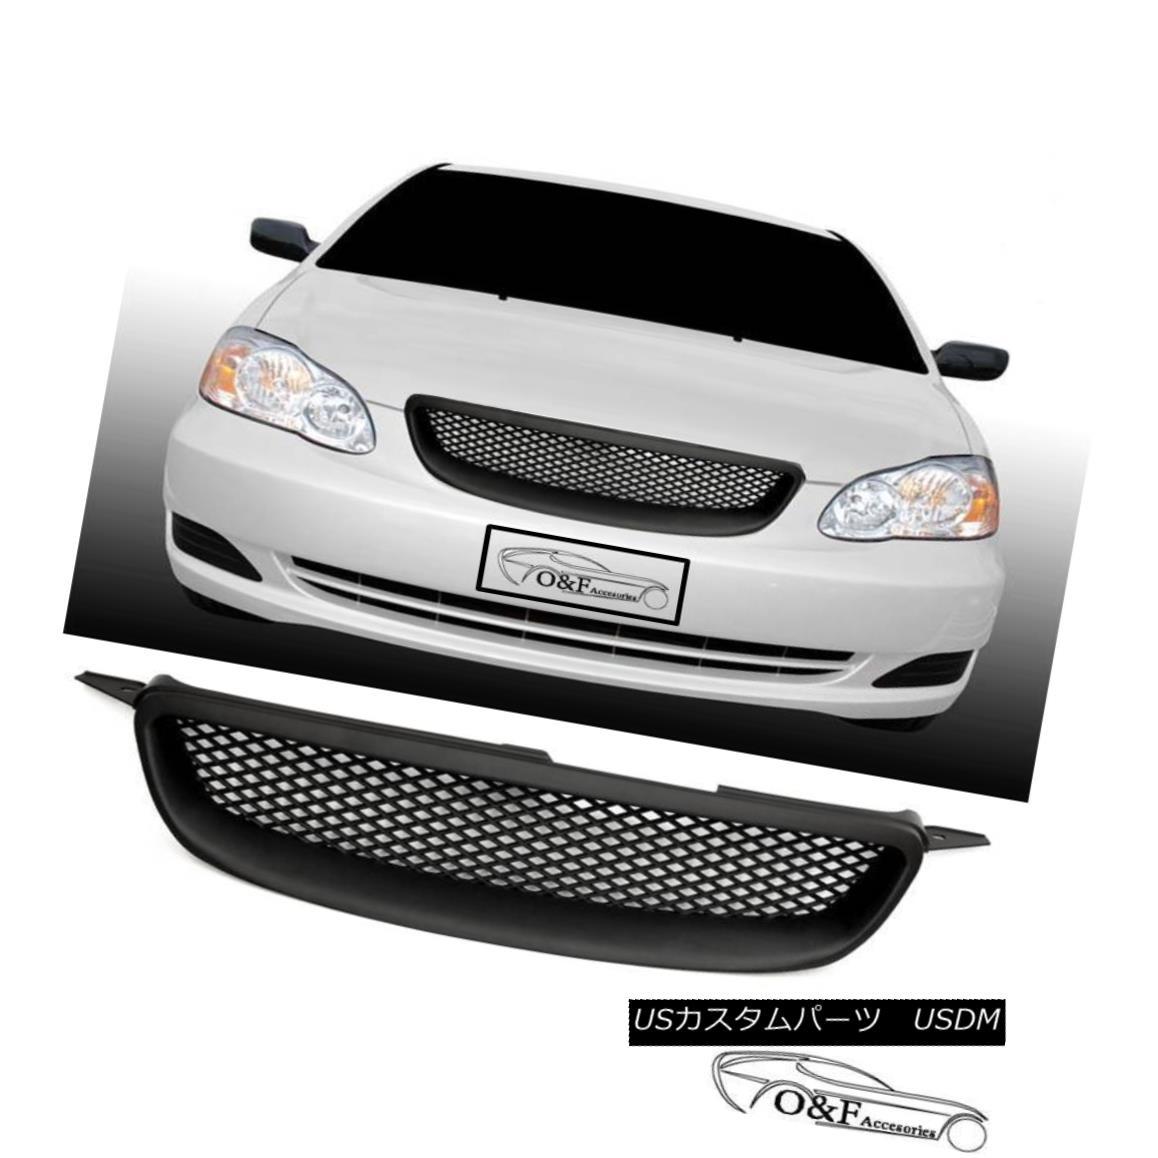 グリル Front Grill Mesh Grille Matte/Black for Toyota Corolla 2003-2008 トヨタカローラ2003-2008のフロントグリルメッシュグリルマット/ブラック